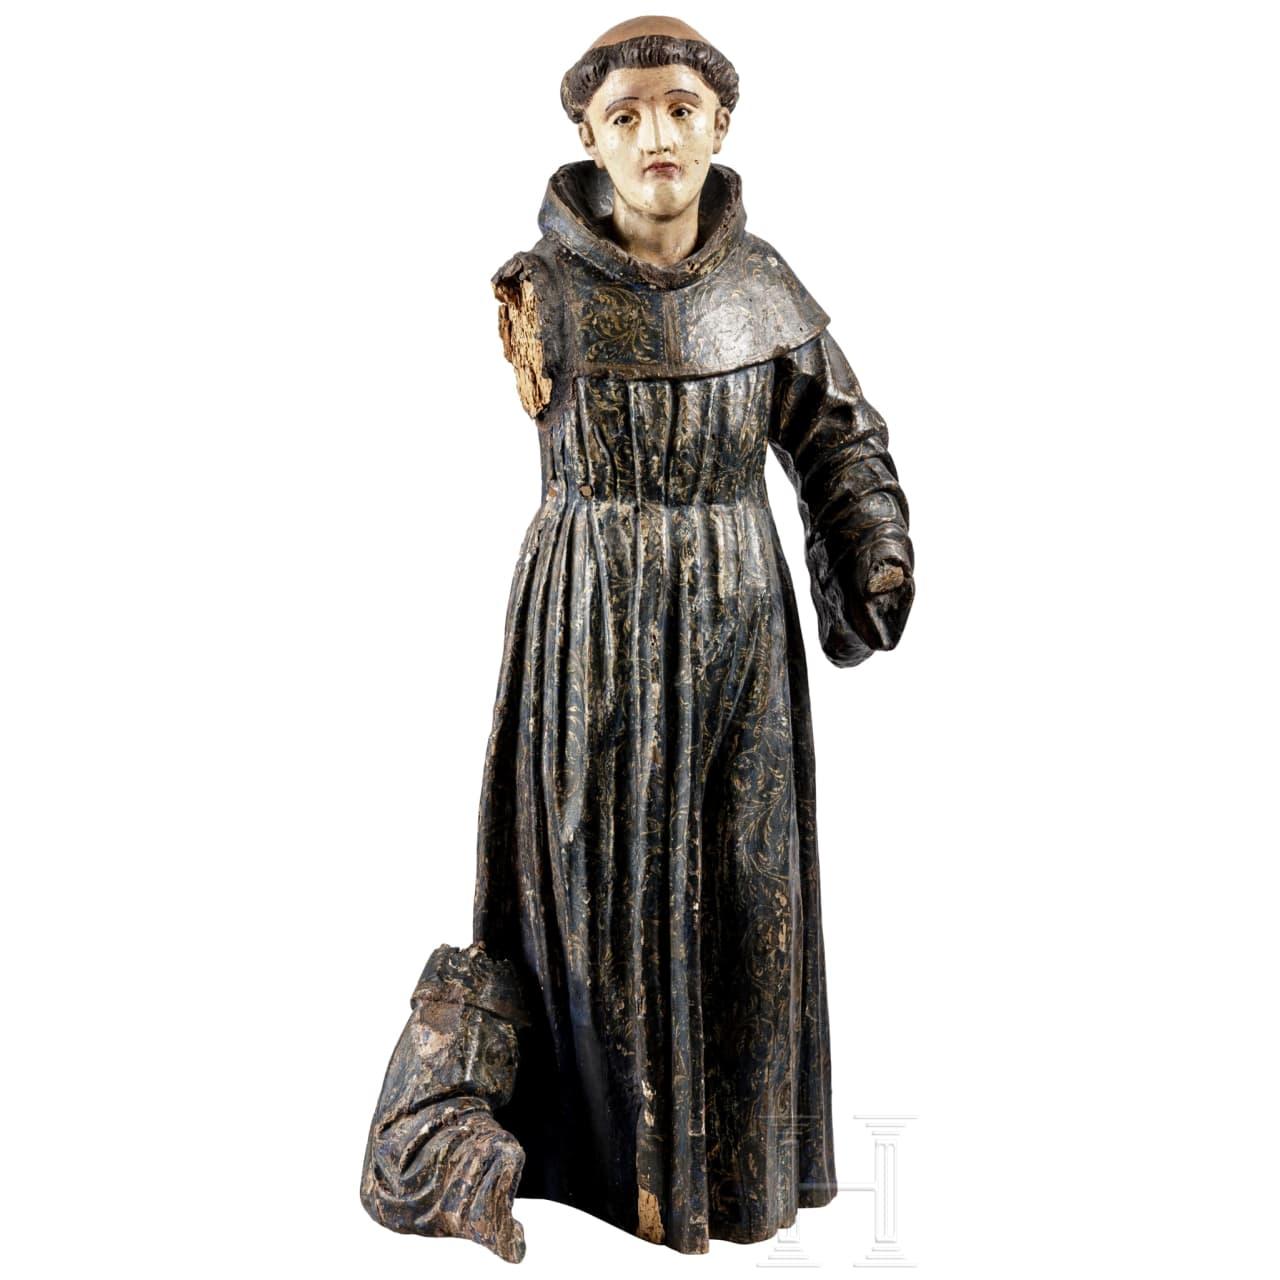 Holzskulptur eines Heiligen, Italien, 18. Jhdt.